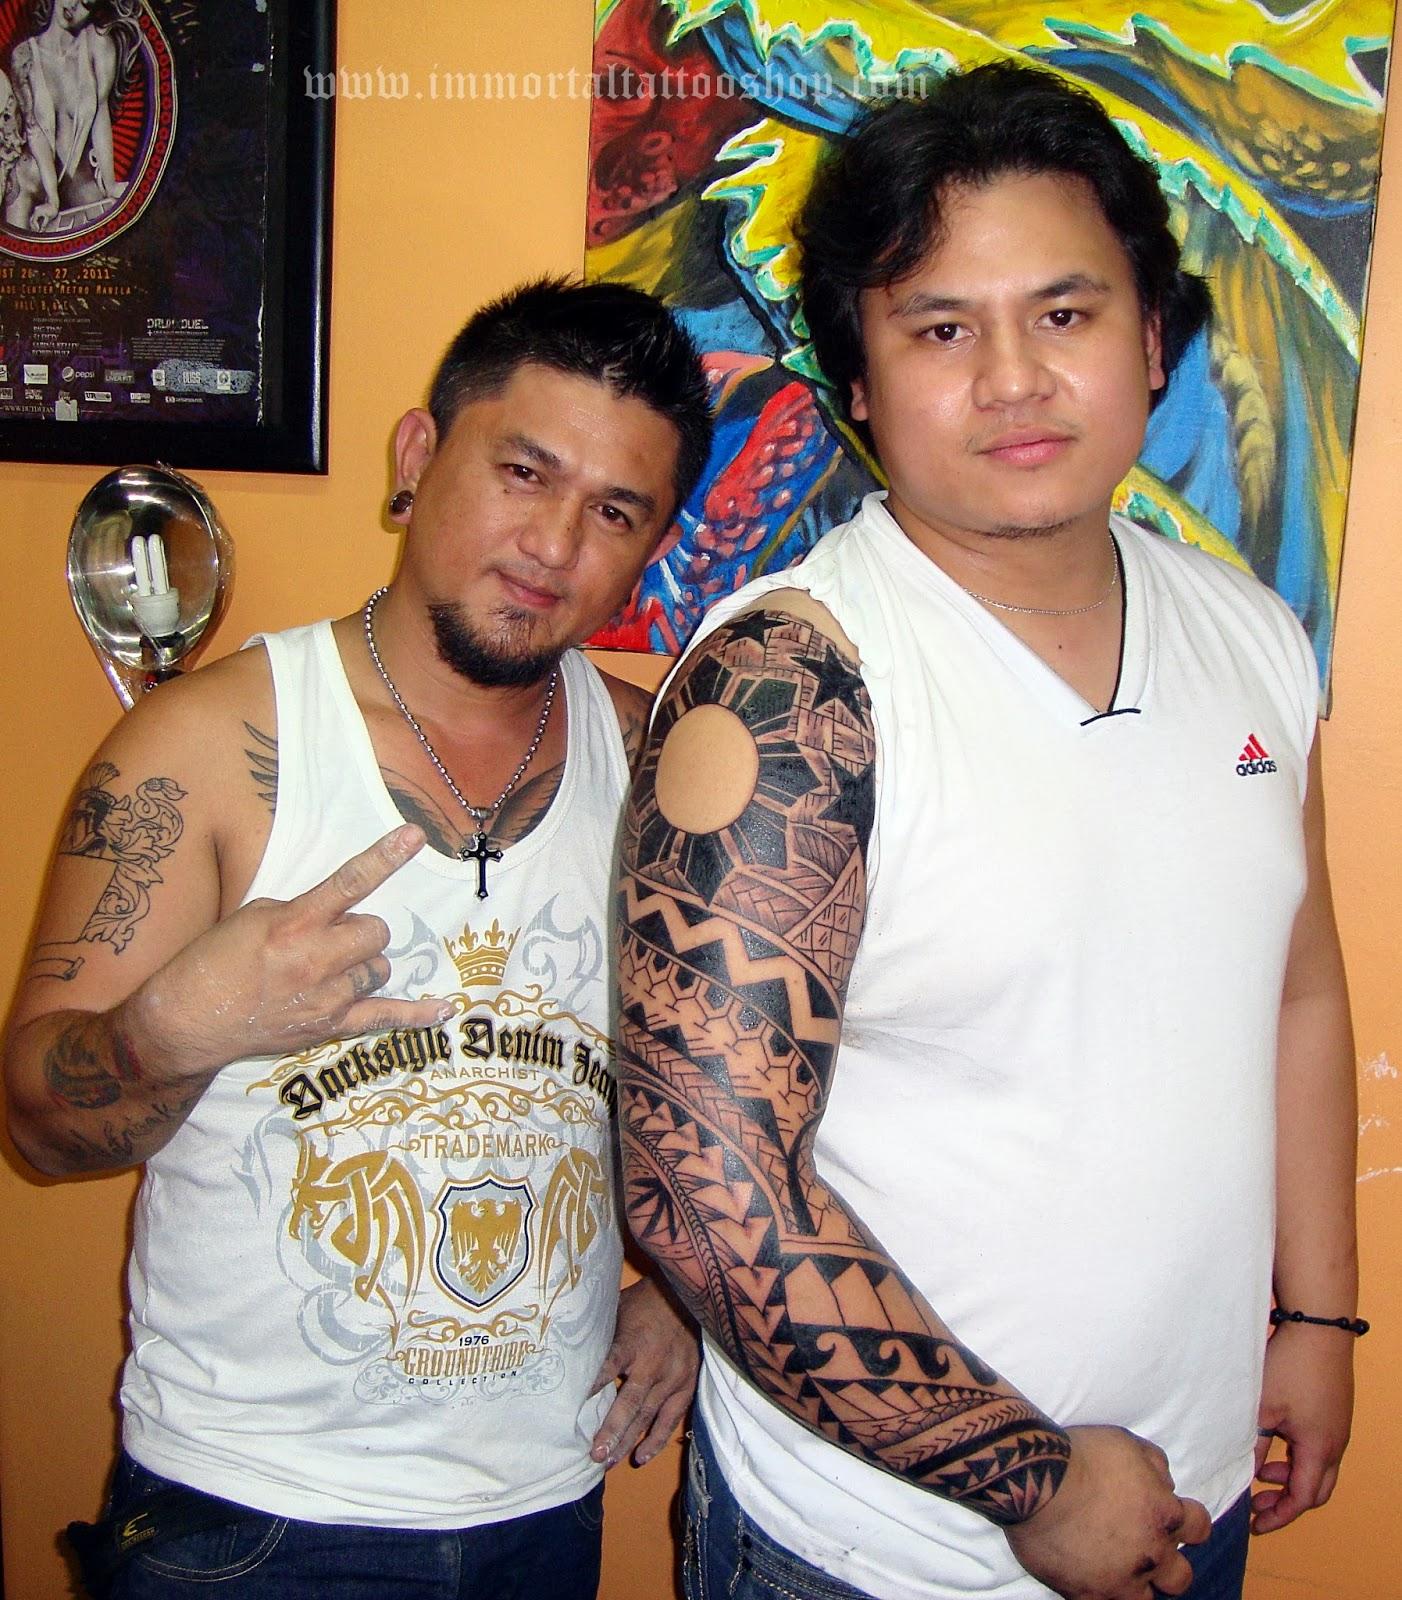 FILIPINOTATTOO: Filipino Tattoo/Polynesian Tattoo/tribal